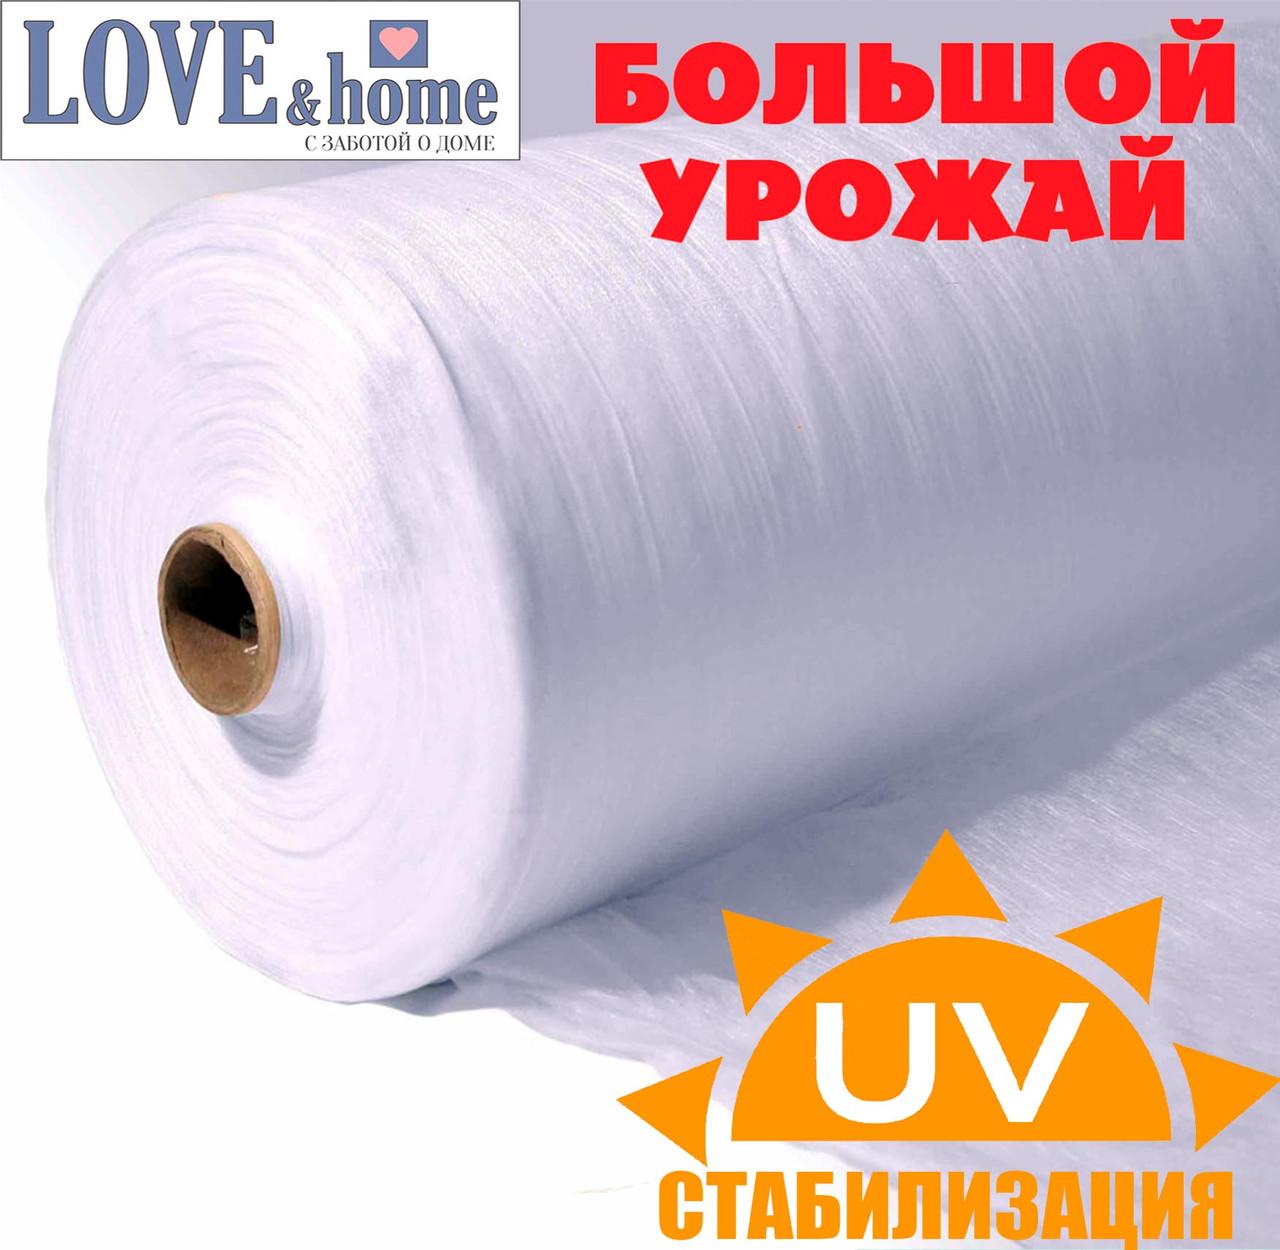 Агроволокно белое, плотность 23г/м². ширина 4.2 м. длинна 100м.